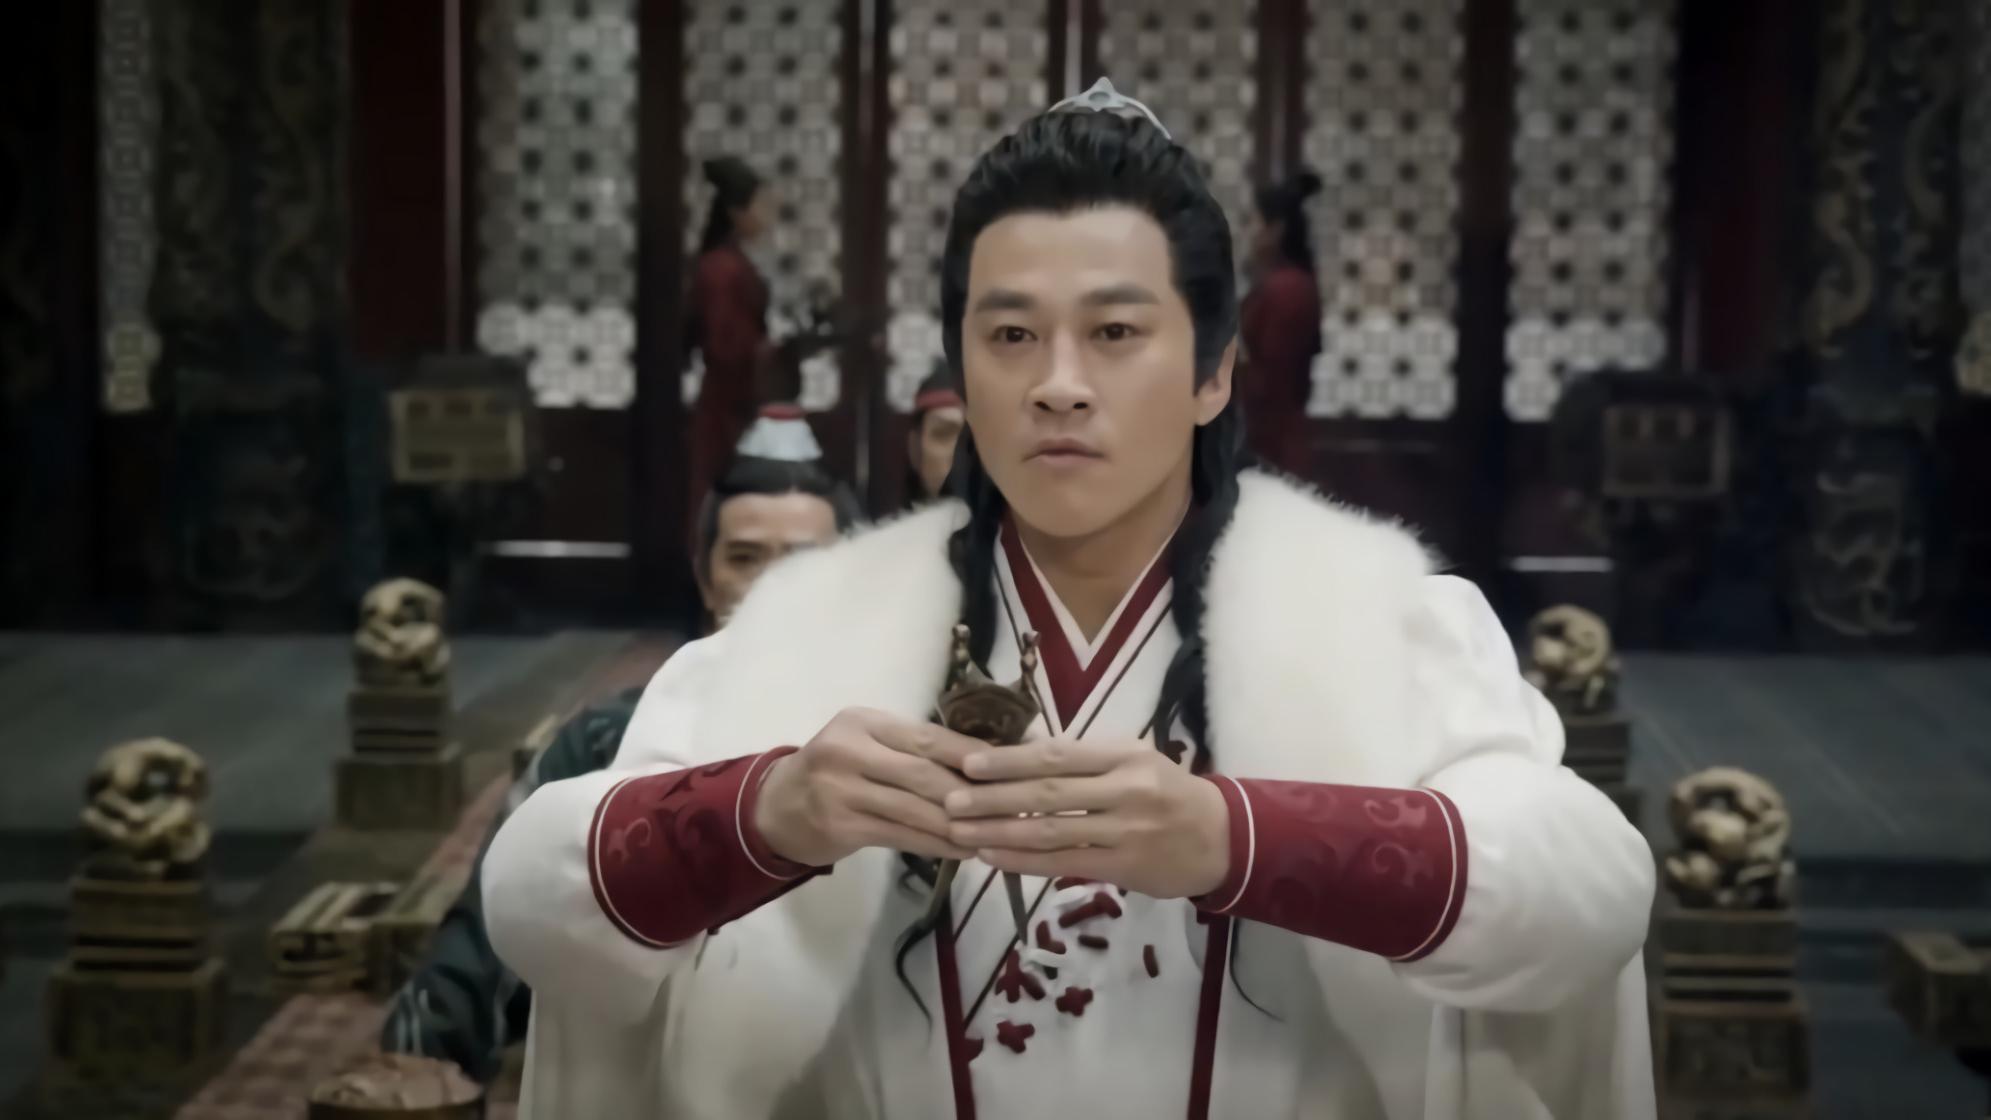 《剑王朝》:蘅王设计除掉好兄弟梁惊梦,难道只是嫉妒